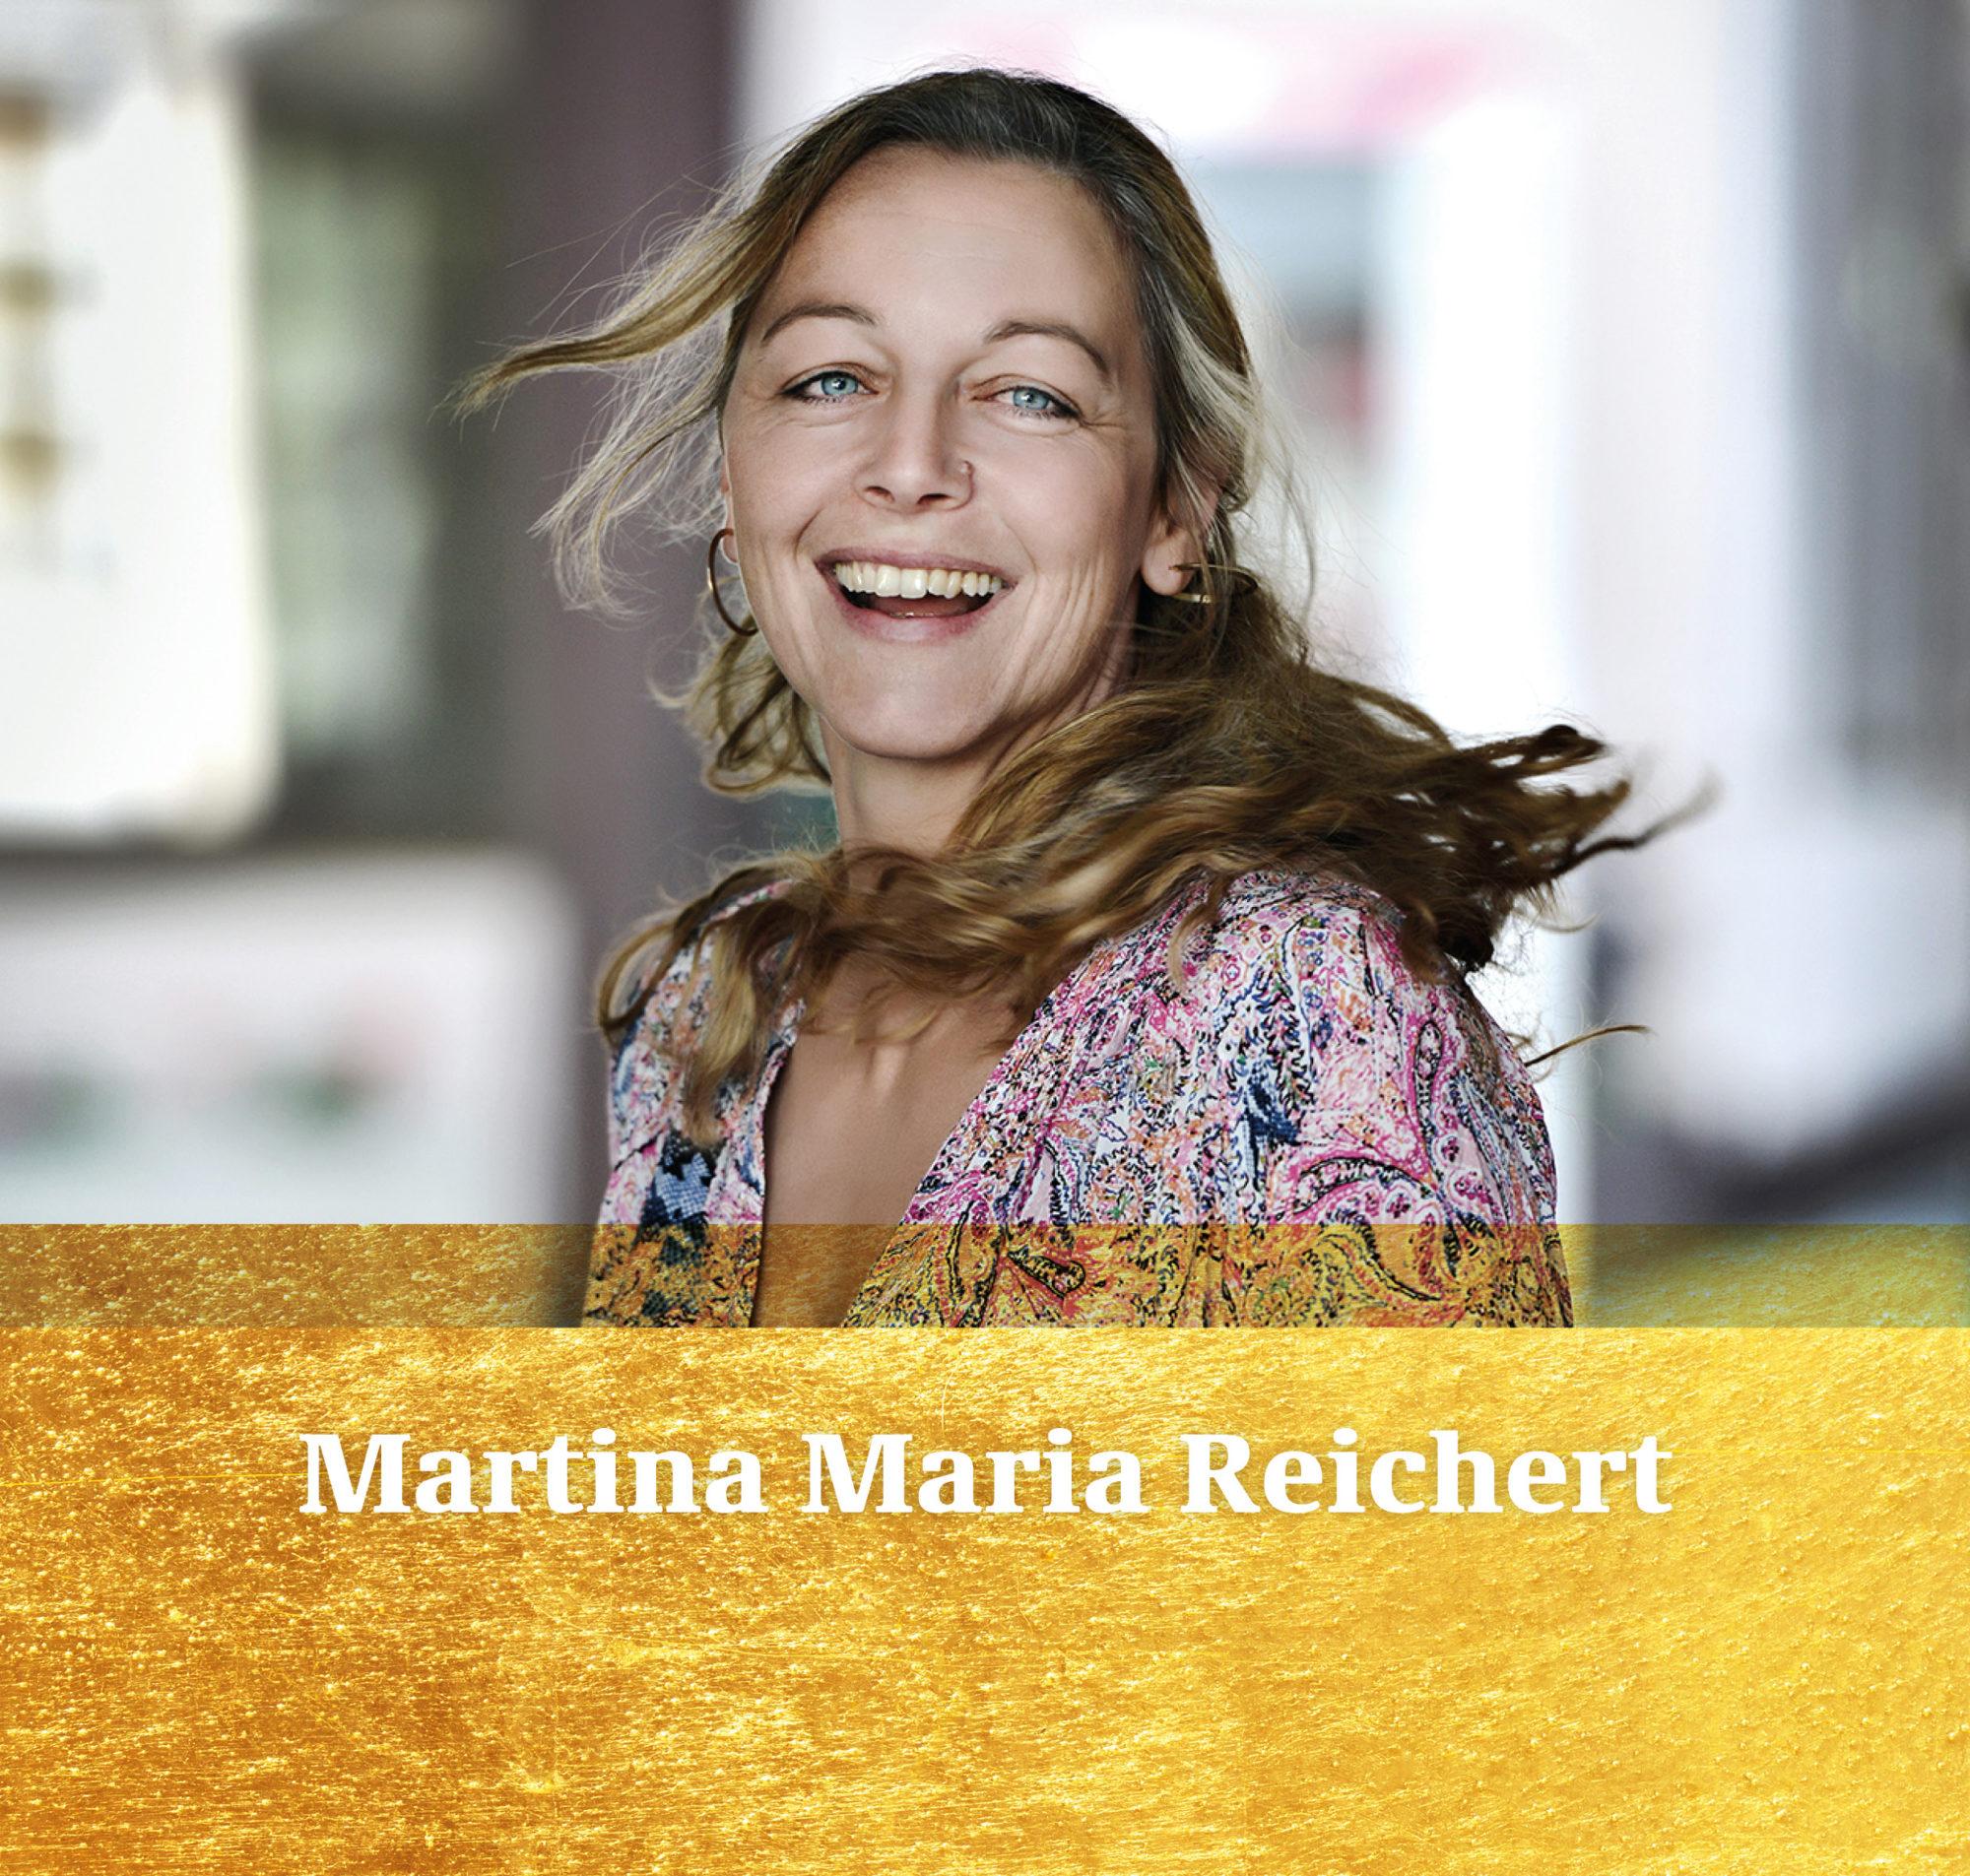 Martina Maria Reichert: Coach, Künstlerin, Friedensaktivistin - Startseite Connecting